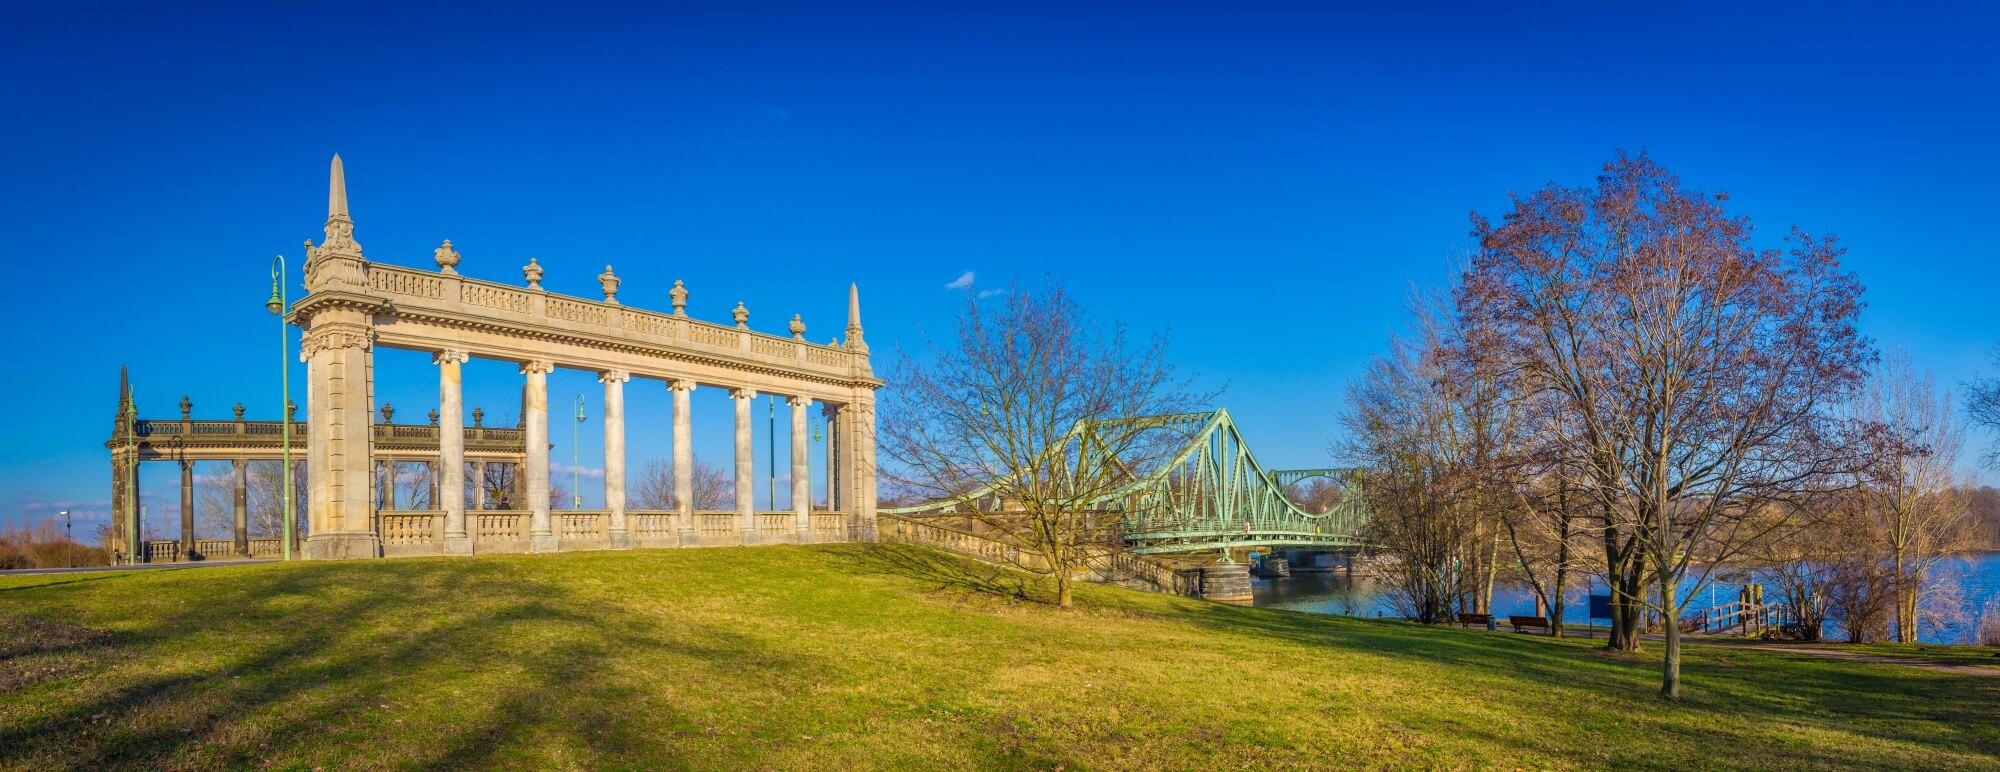 Potsdam Glienicker Brücke